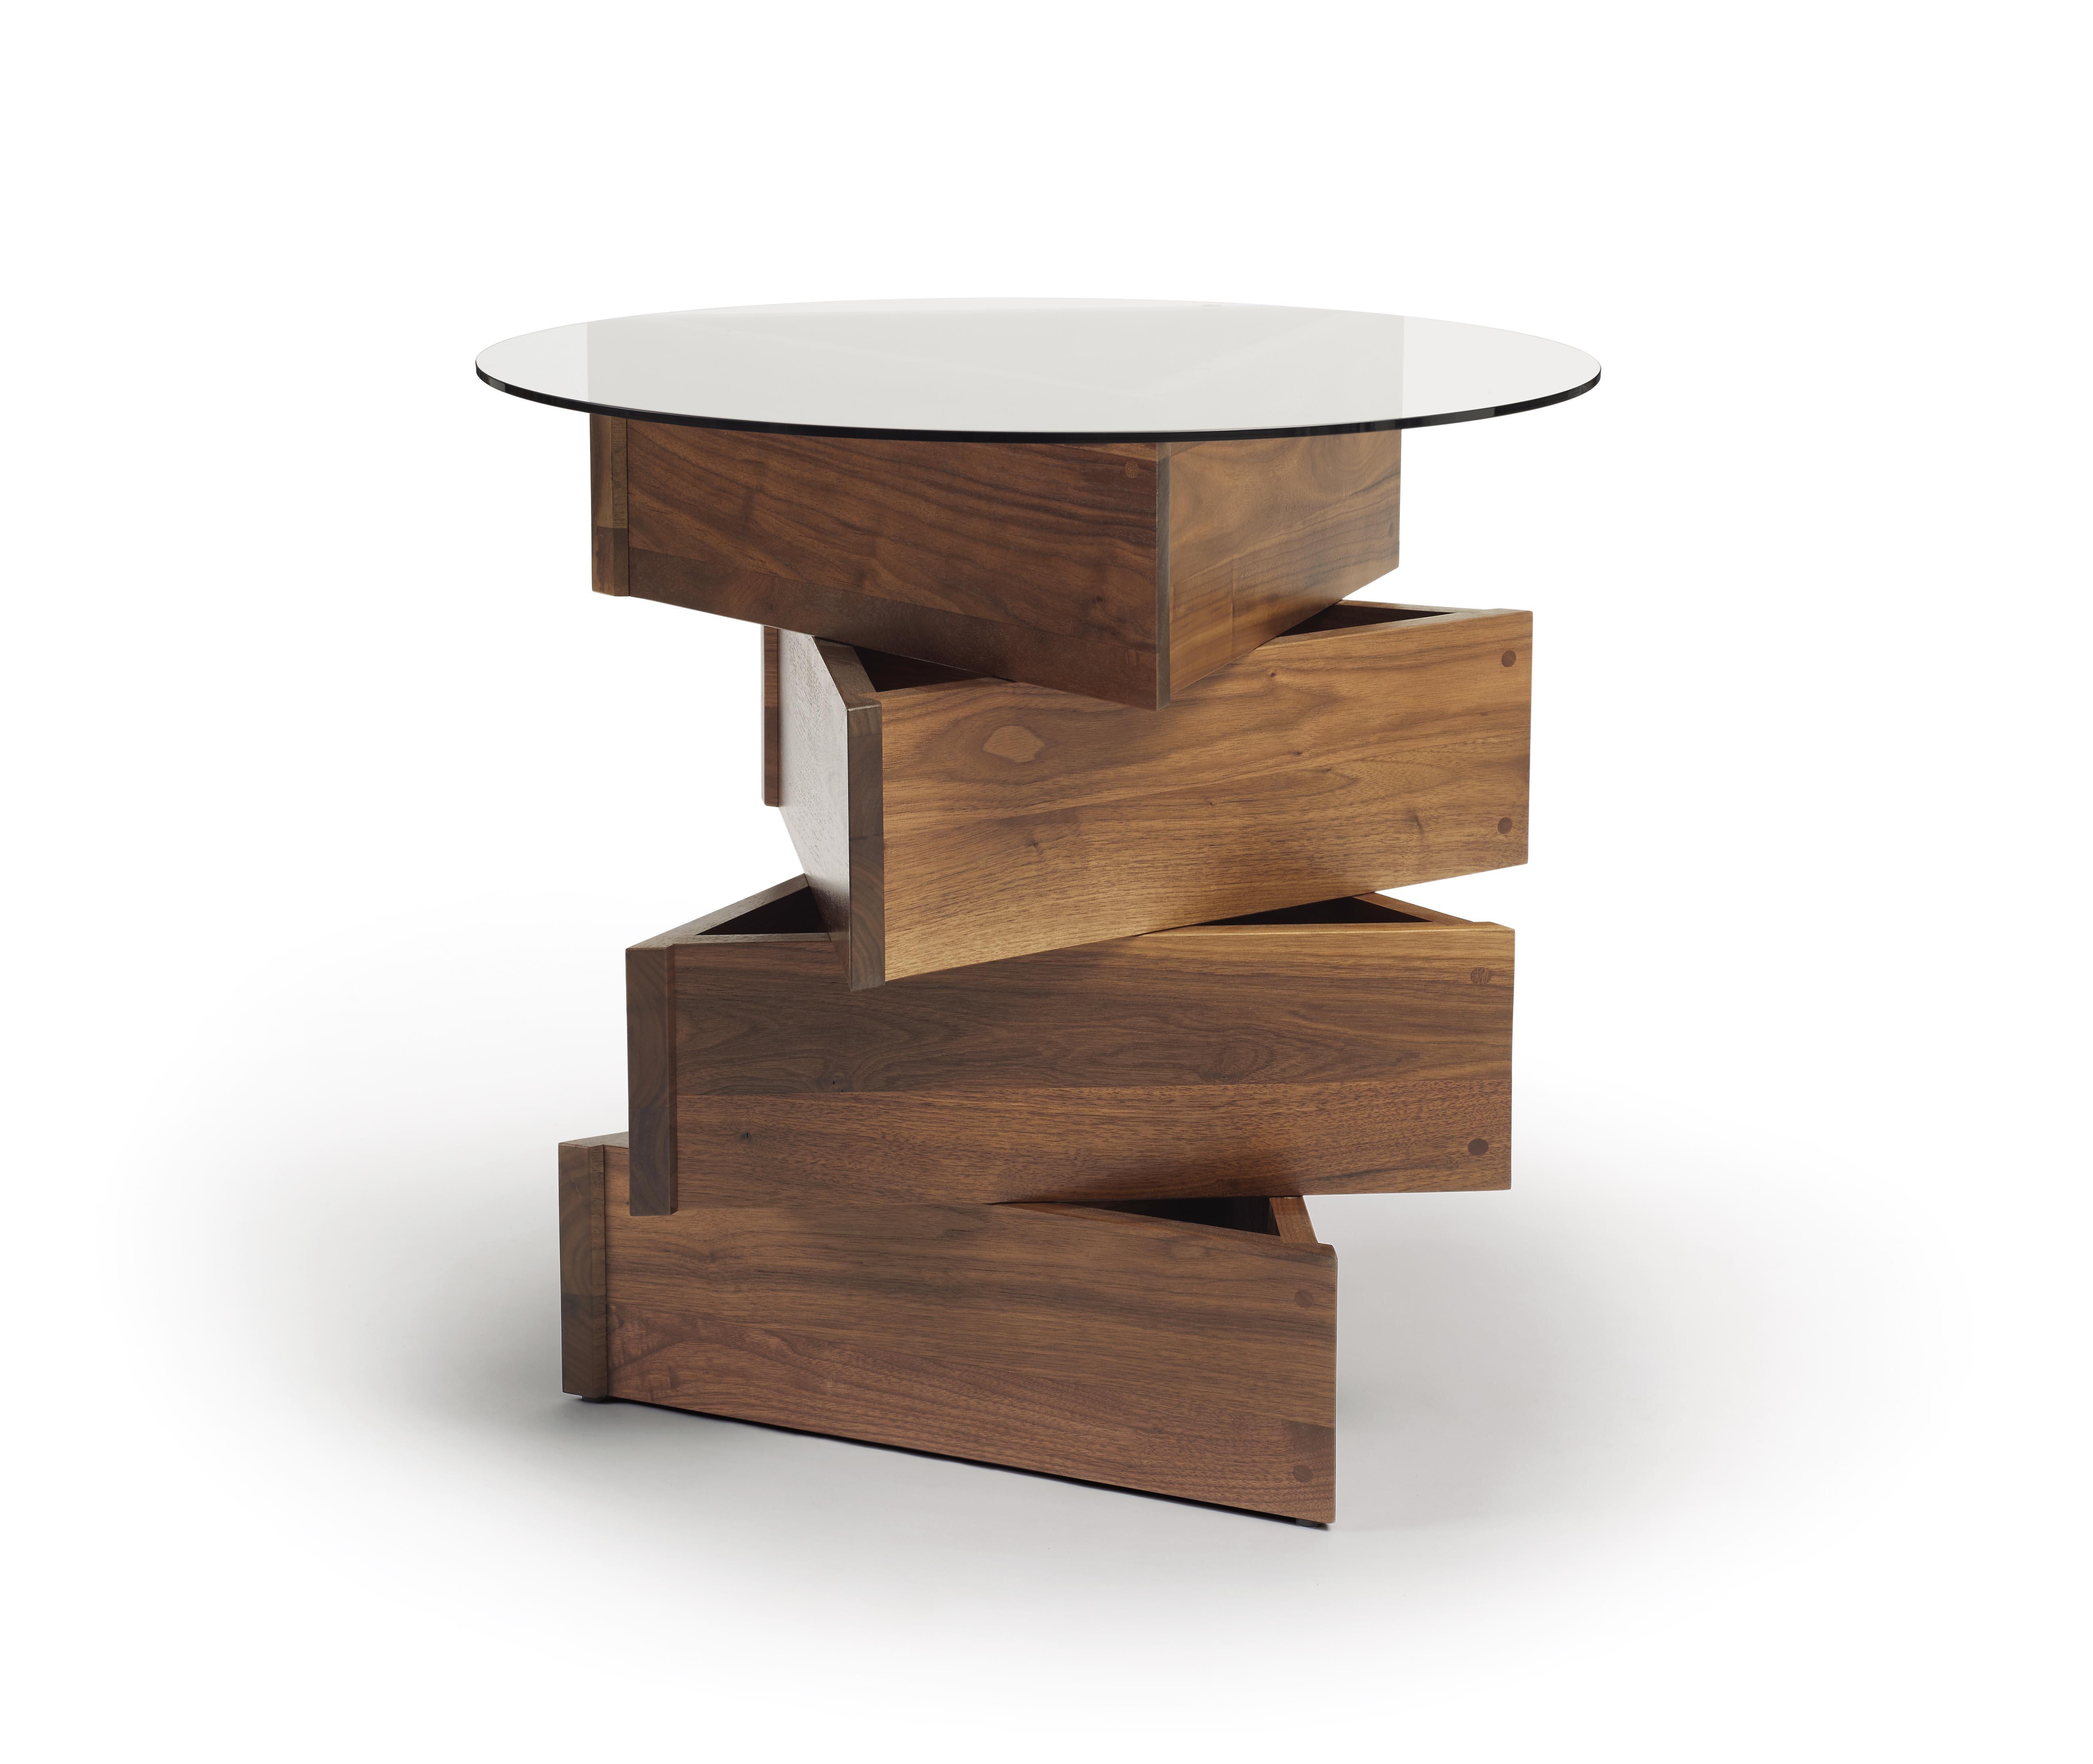 Copeland furniture twist statements end table wayfair